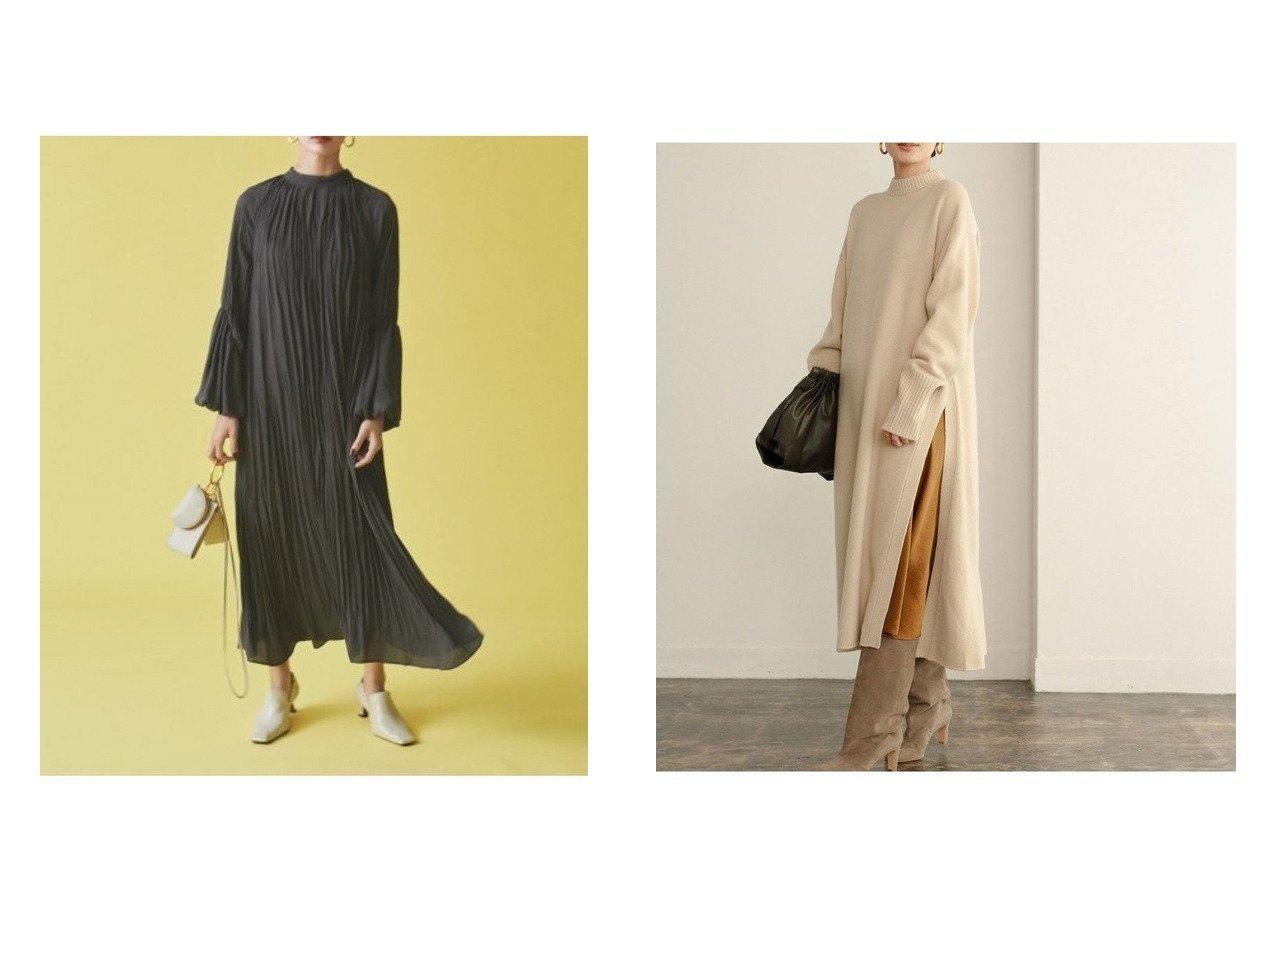 【Mila Owen/ミラオーウェン】のバルーン袖ランダムギャザーワンピース&【Adam et Rope/アダム エ ロペ】のスリットニットワンピース ワンピース・ドレスのおすすめ!人気、レディースファッションの通販  おすすめで人気のファッション通販商品 インテリア・家具・キッズファッション・メンズファッション・レディースファッション・服の通販 founy(ファニー) https://founy.com/ ファッション Fashion レディース WOMEN ワンピース Dress マキシワンピース Maxi Dress ニットワンピース Knit Dresses インナー オレンジ バルーン マキシ リボン ロング ワッシャー 冬 Winter キャミワンピース スリット デニム ボトム |ID:crp329100000003384